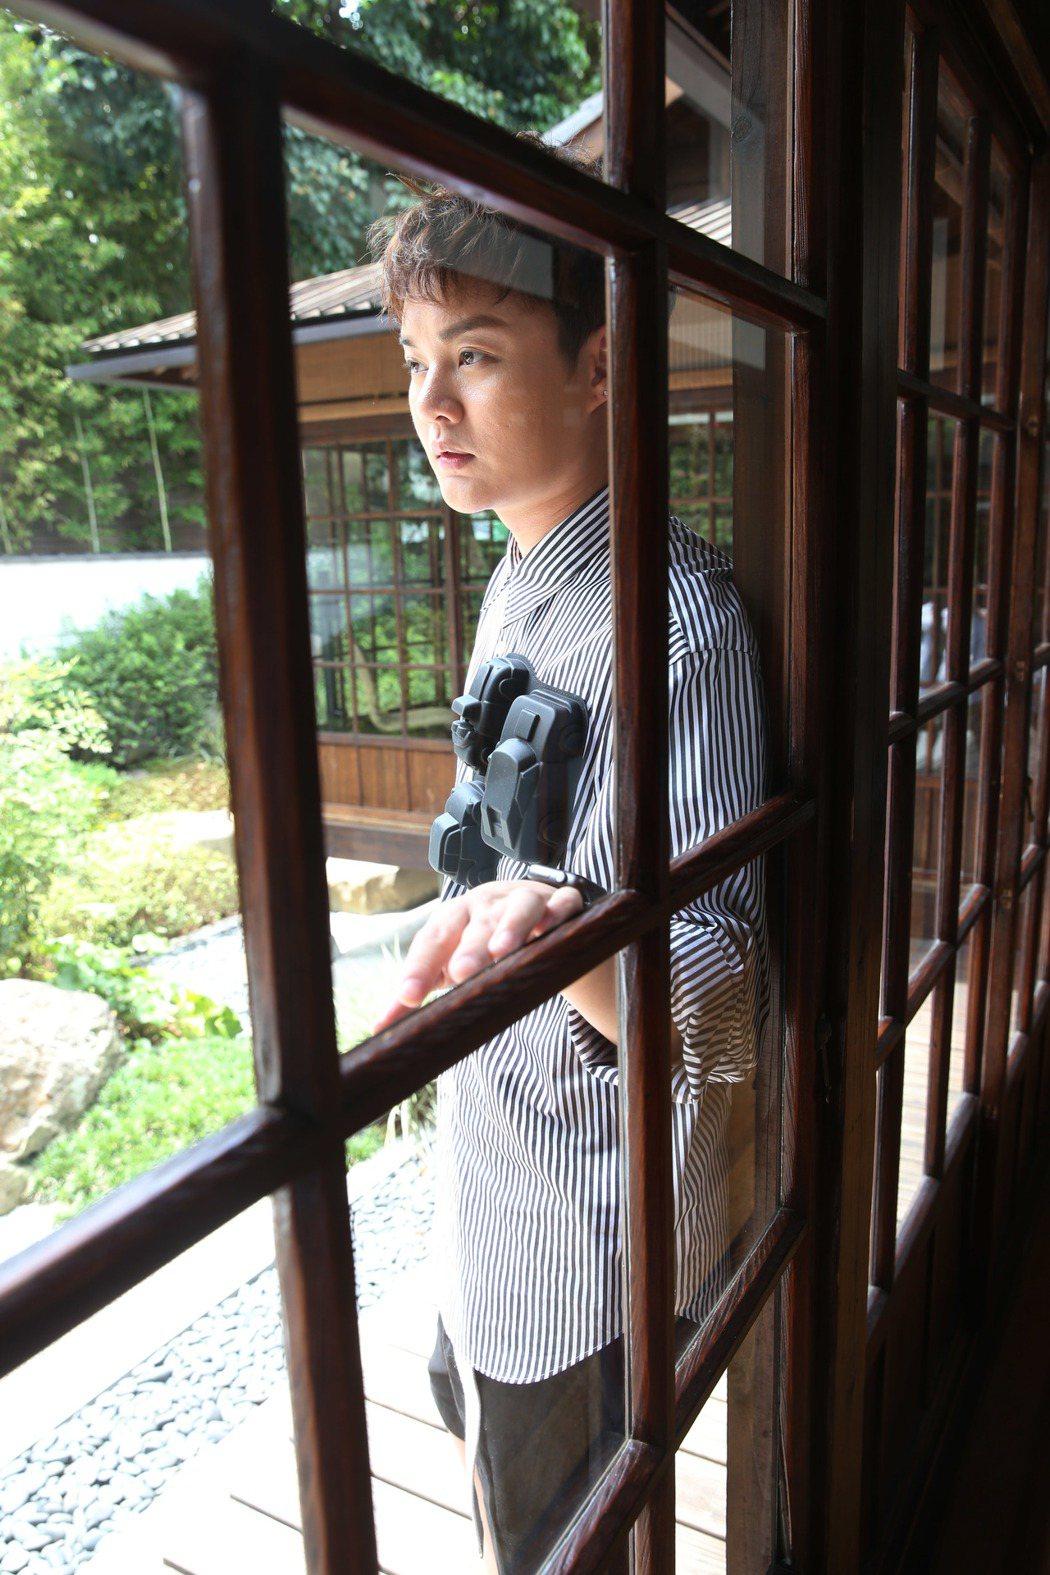 台語小天王許富凱日本遊學3個月歸來,年底將舉辦「讓歌延續」音樂會、新專輯蓄勢待發...